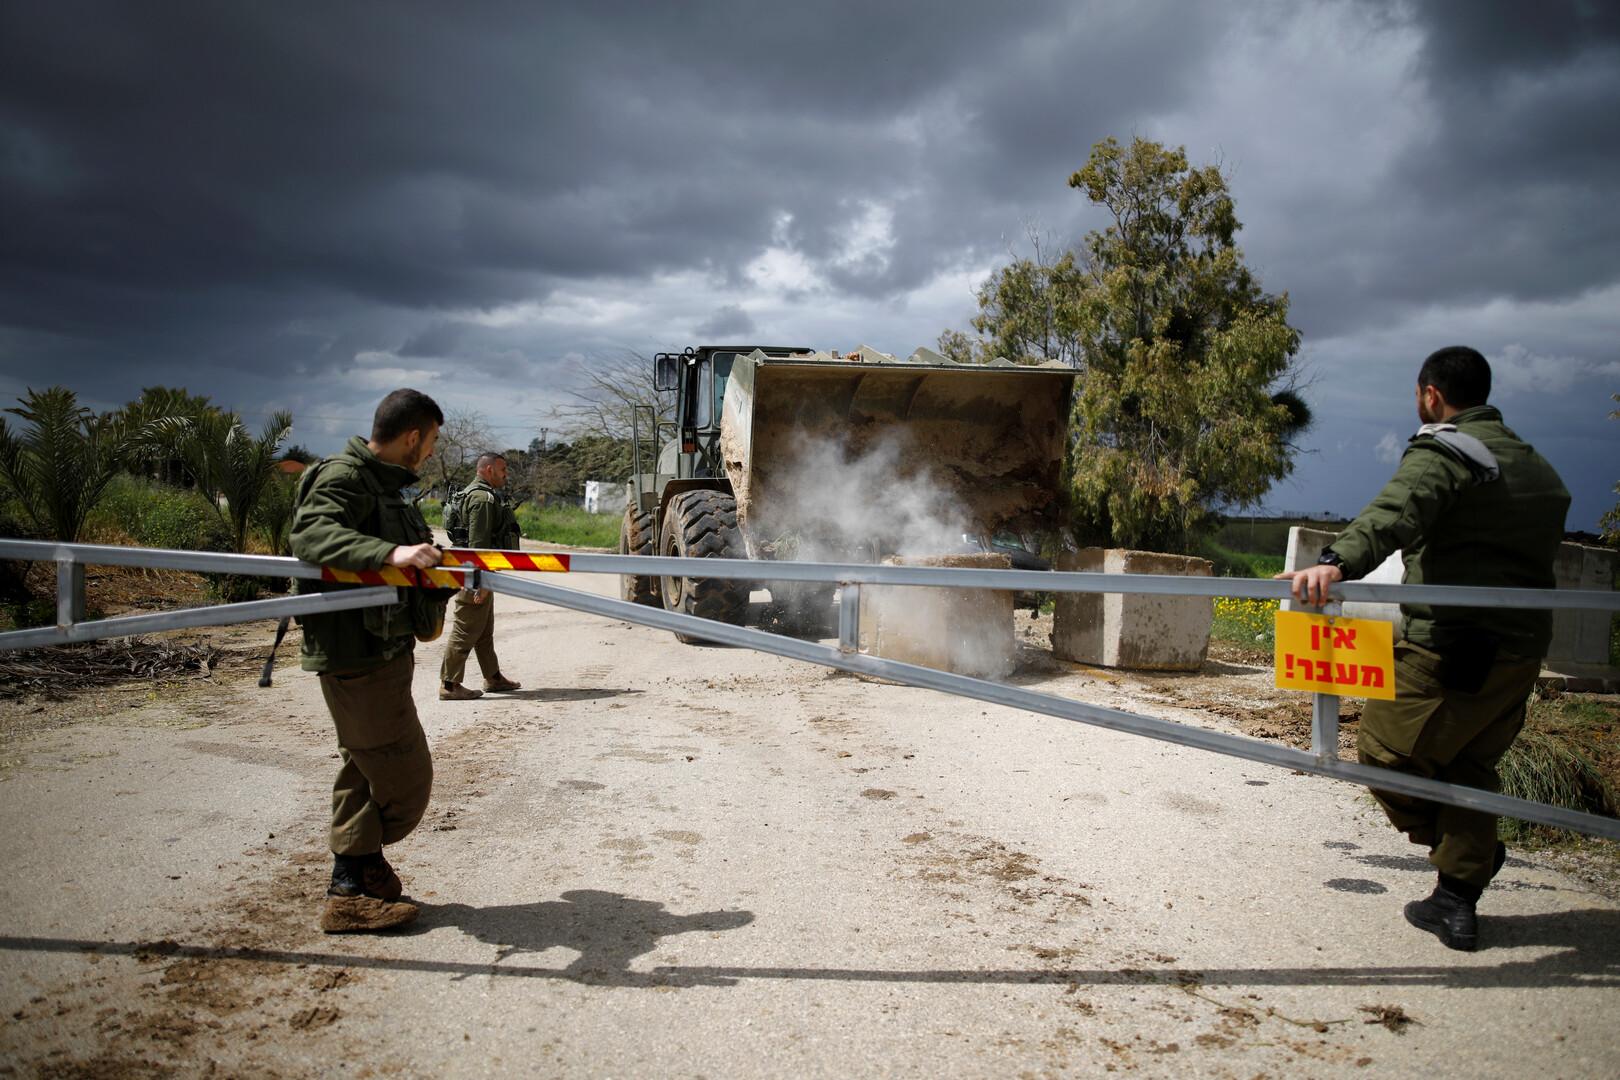 إسرائيل تحذر من حرب قريبة مع إيران في ظل التغيرات الإقليمية